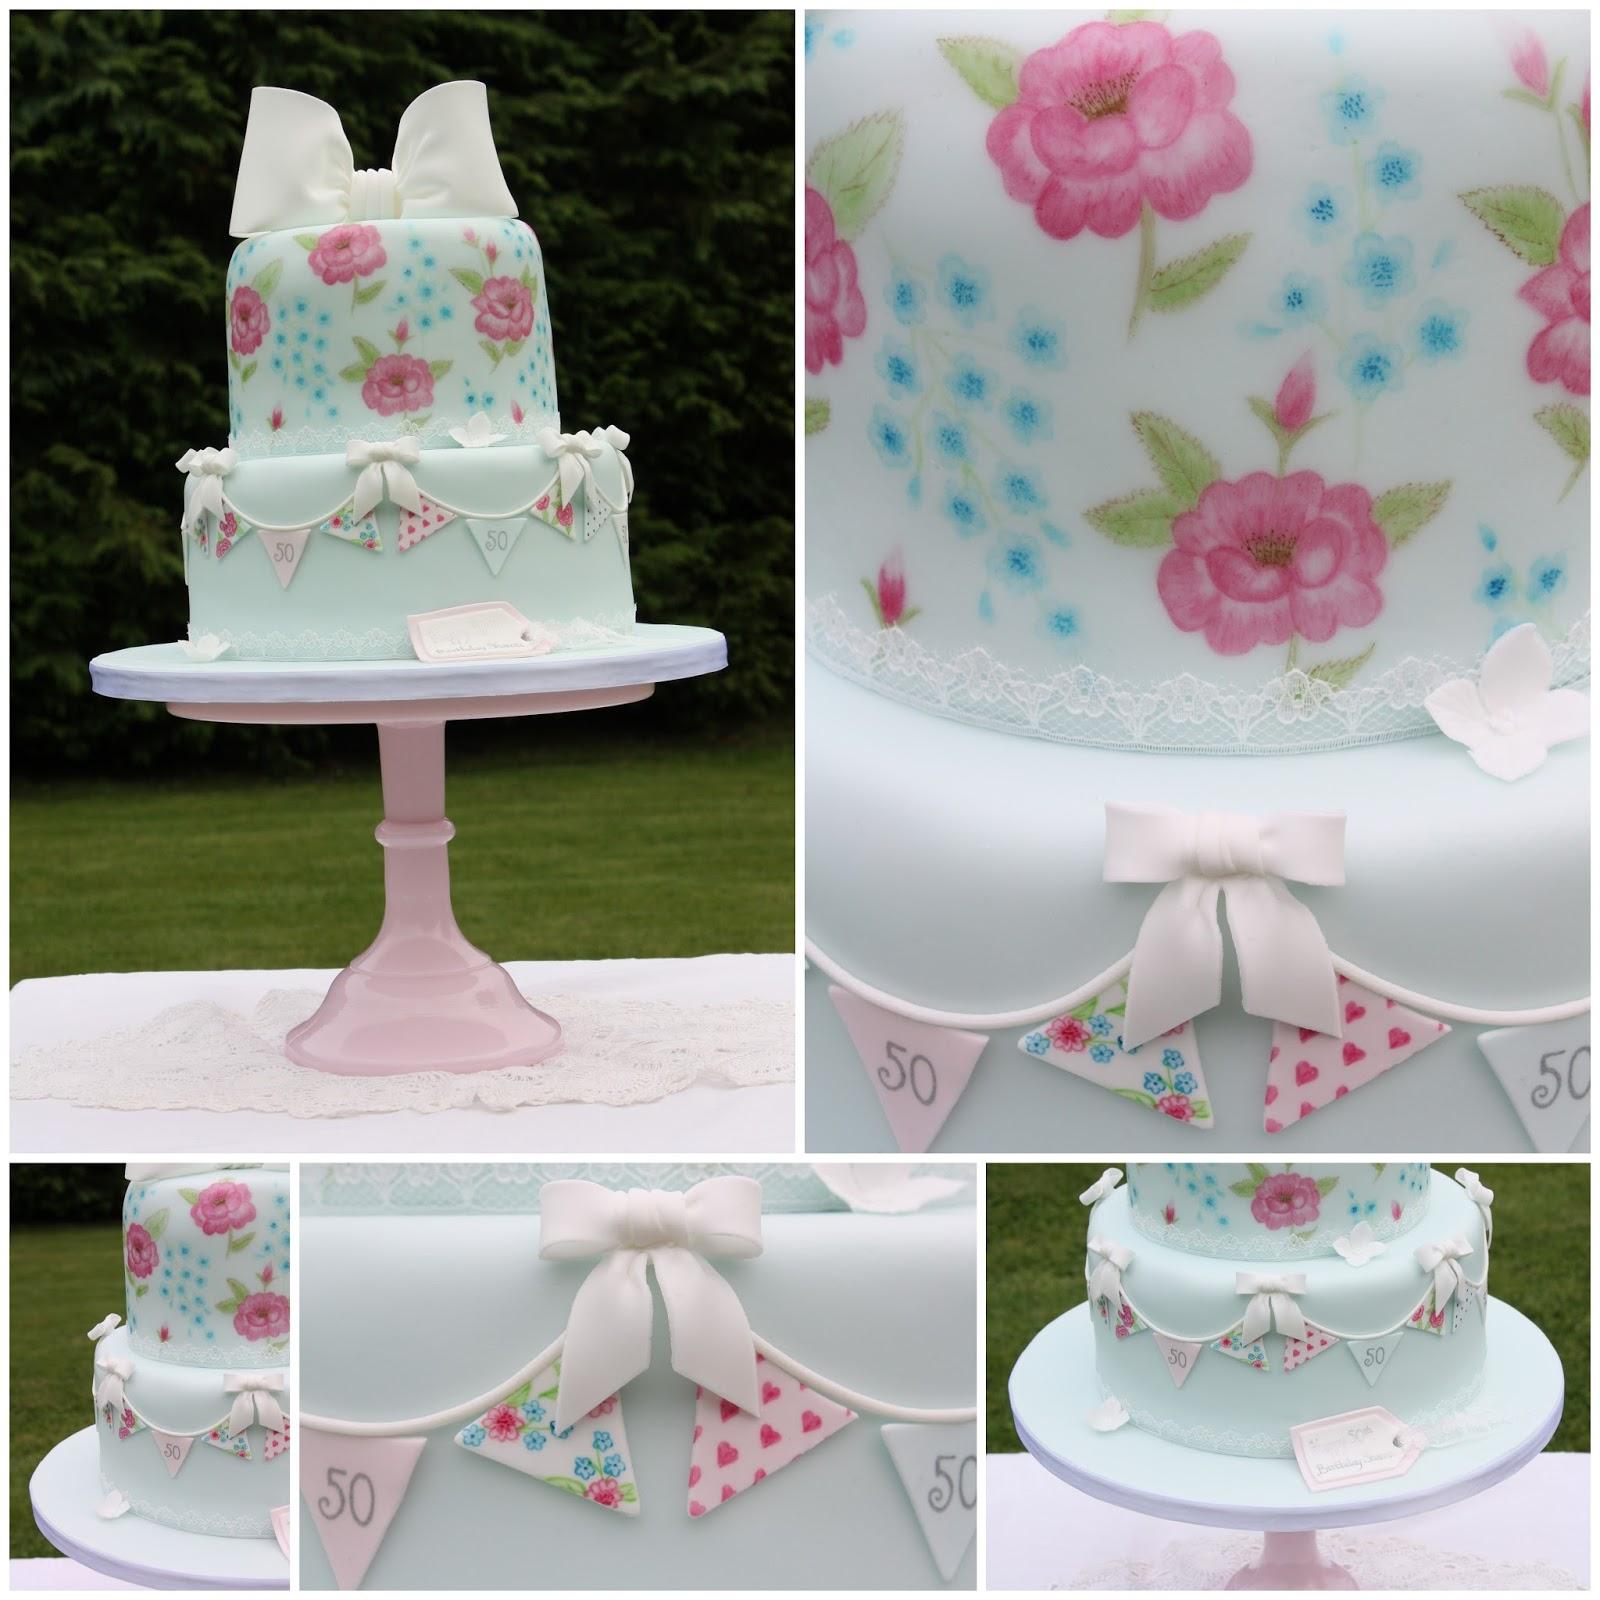 Tiers Amp Tiaras Cath Kidston Birthday Cake